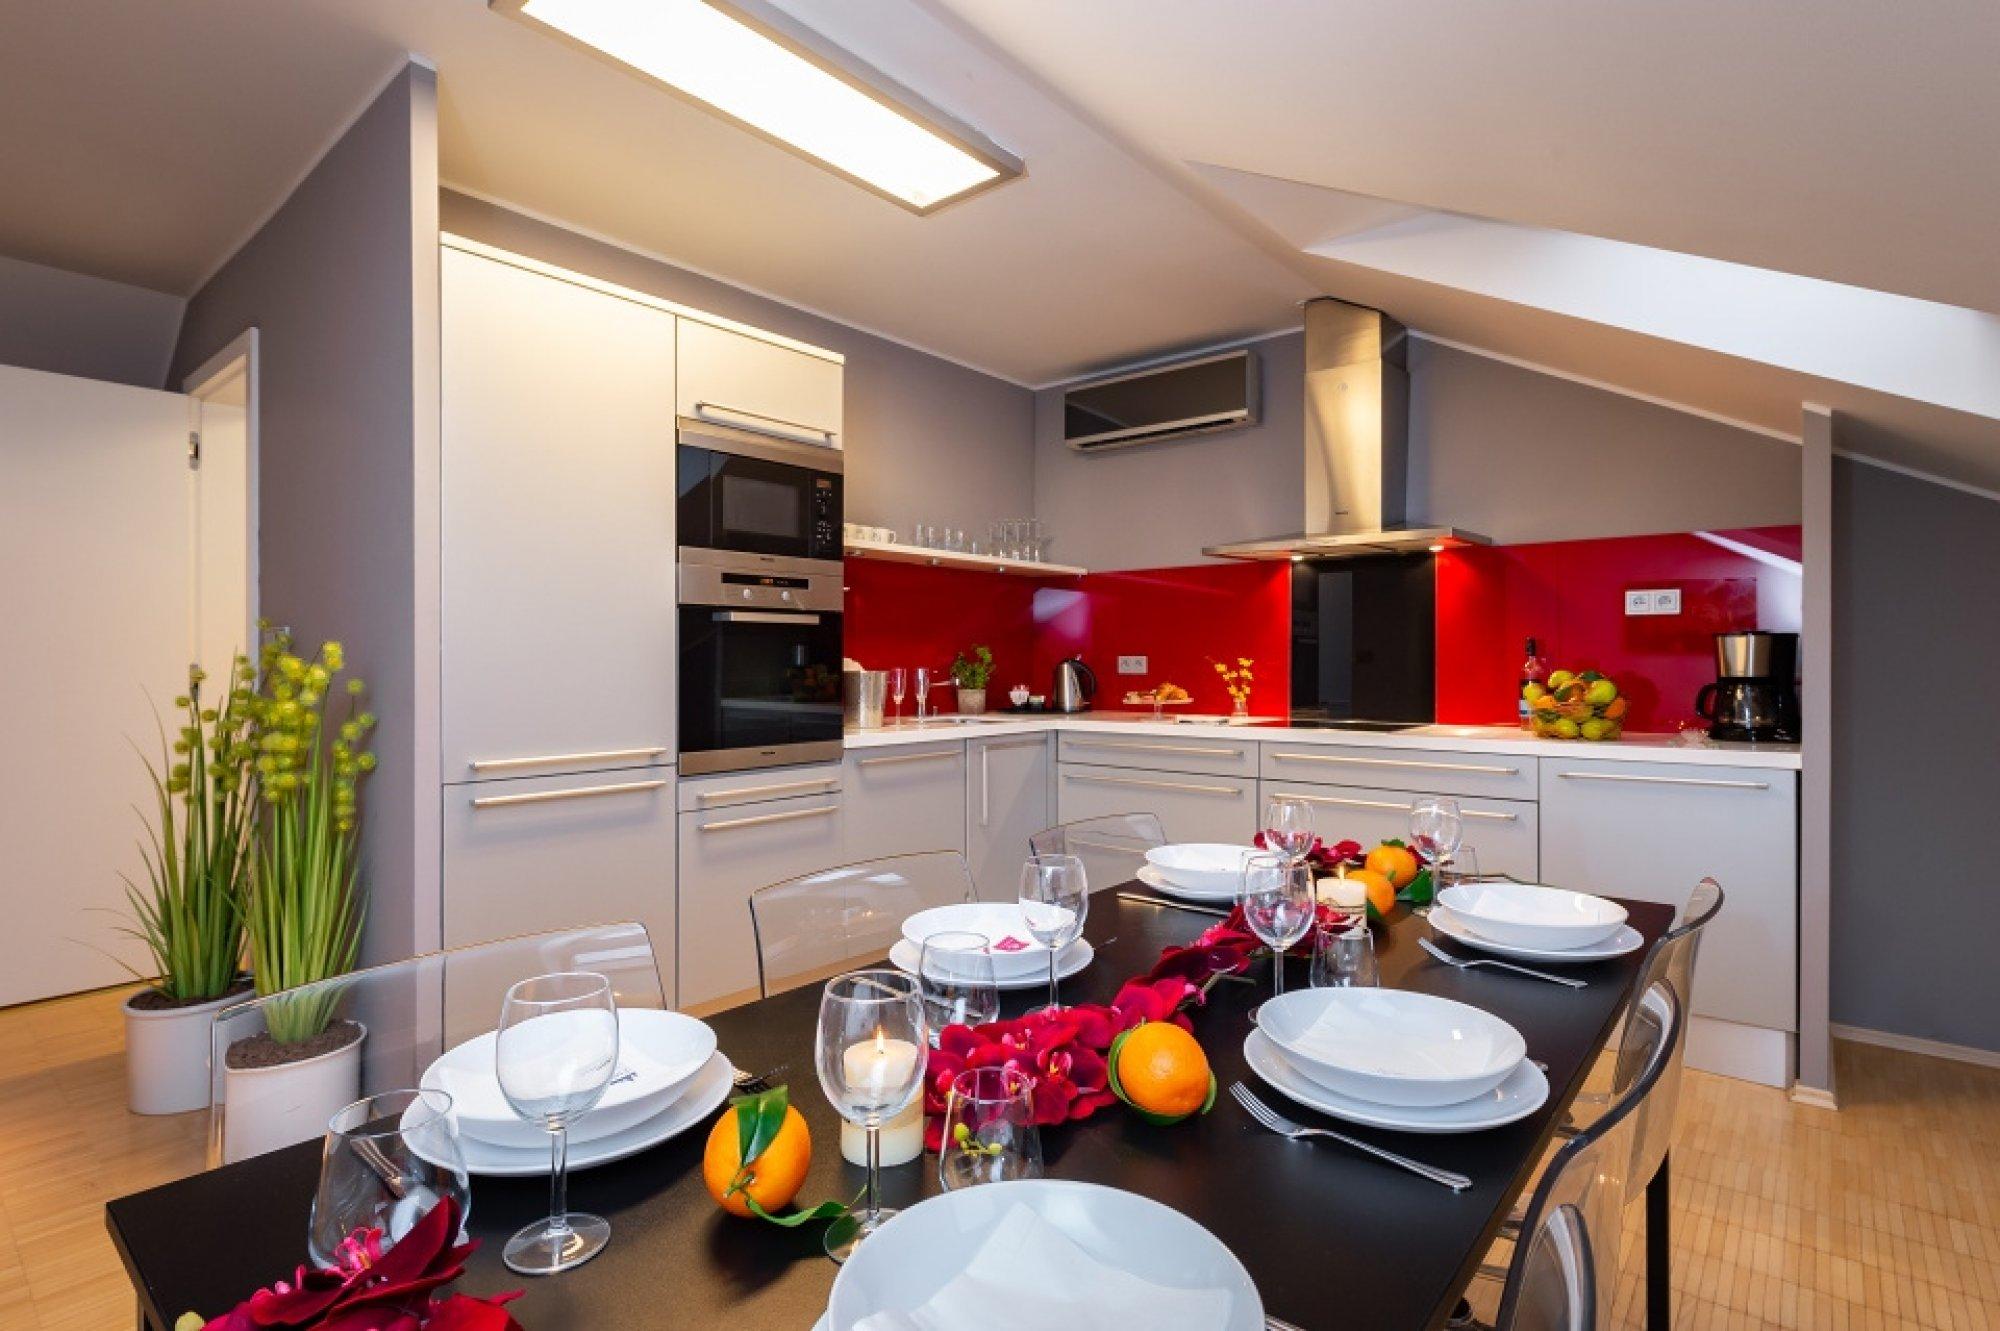 Půdní byt 3+kk, plocha 112 m², ulice Mikulandská, Praha 1 - Nové Město | 3